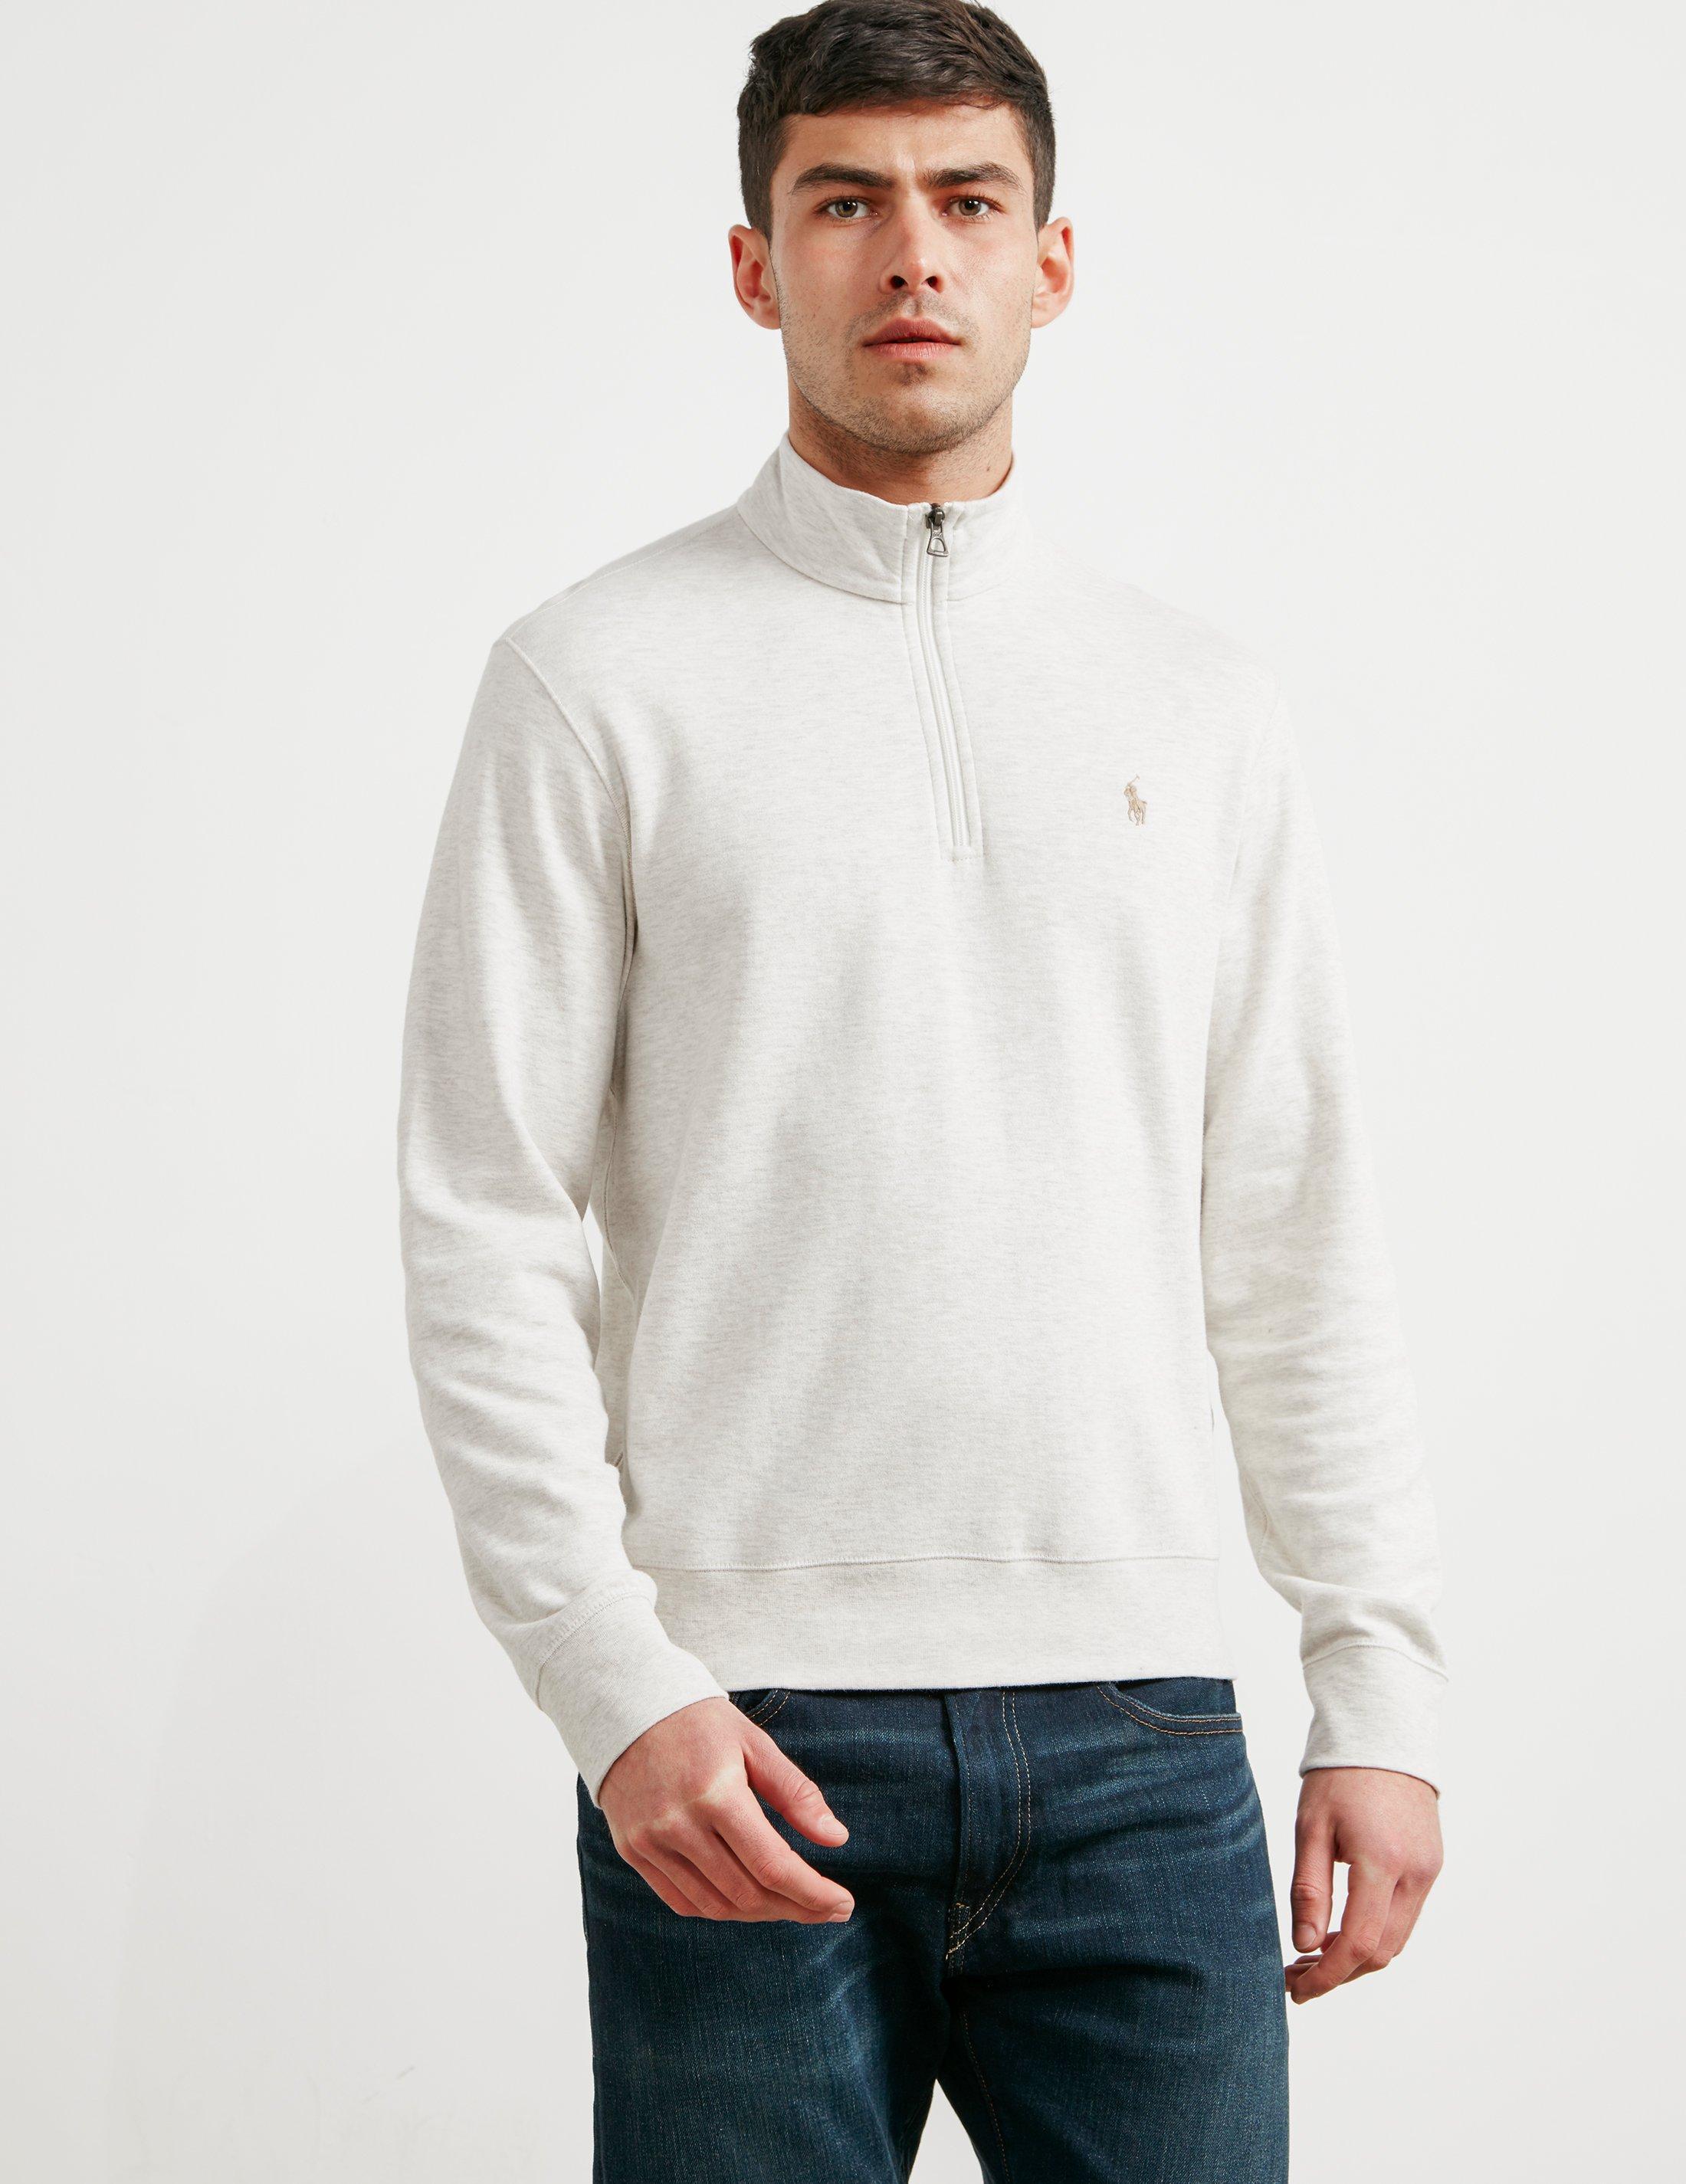 048c941556ba09 Polo Ralph Lauren Mens Pima Cotton Half Zip Sweatshirt Sand/sand in ...